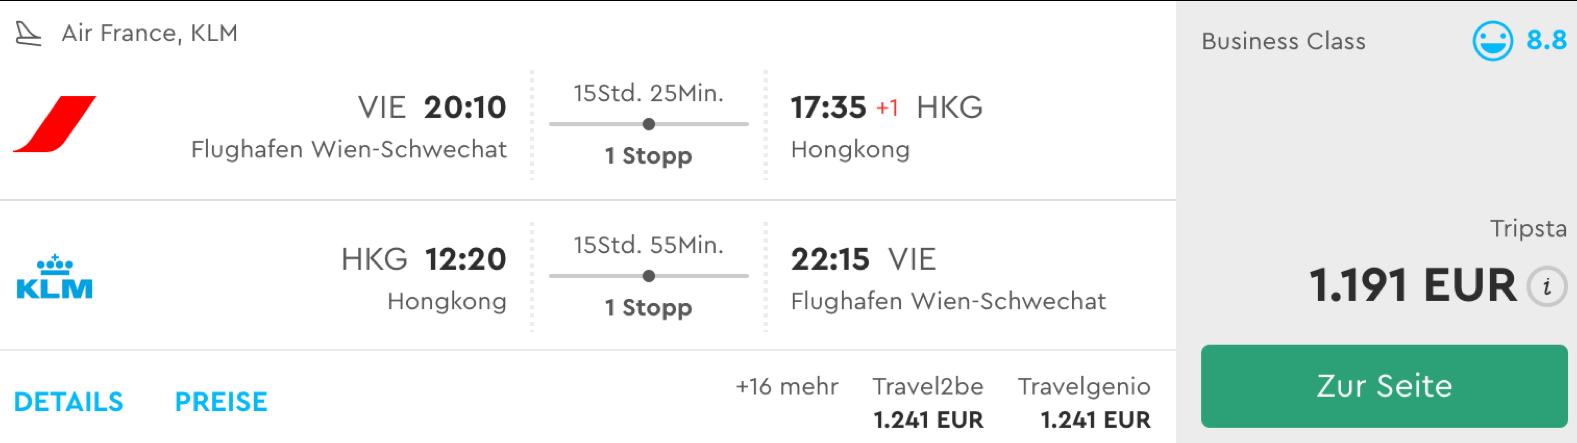 Business class nach Hongkong